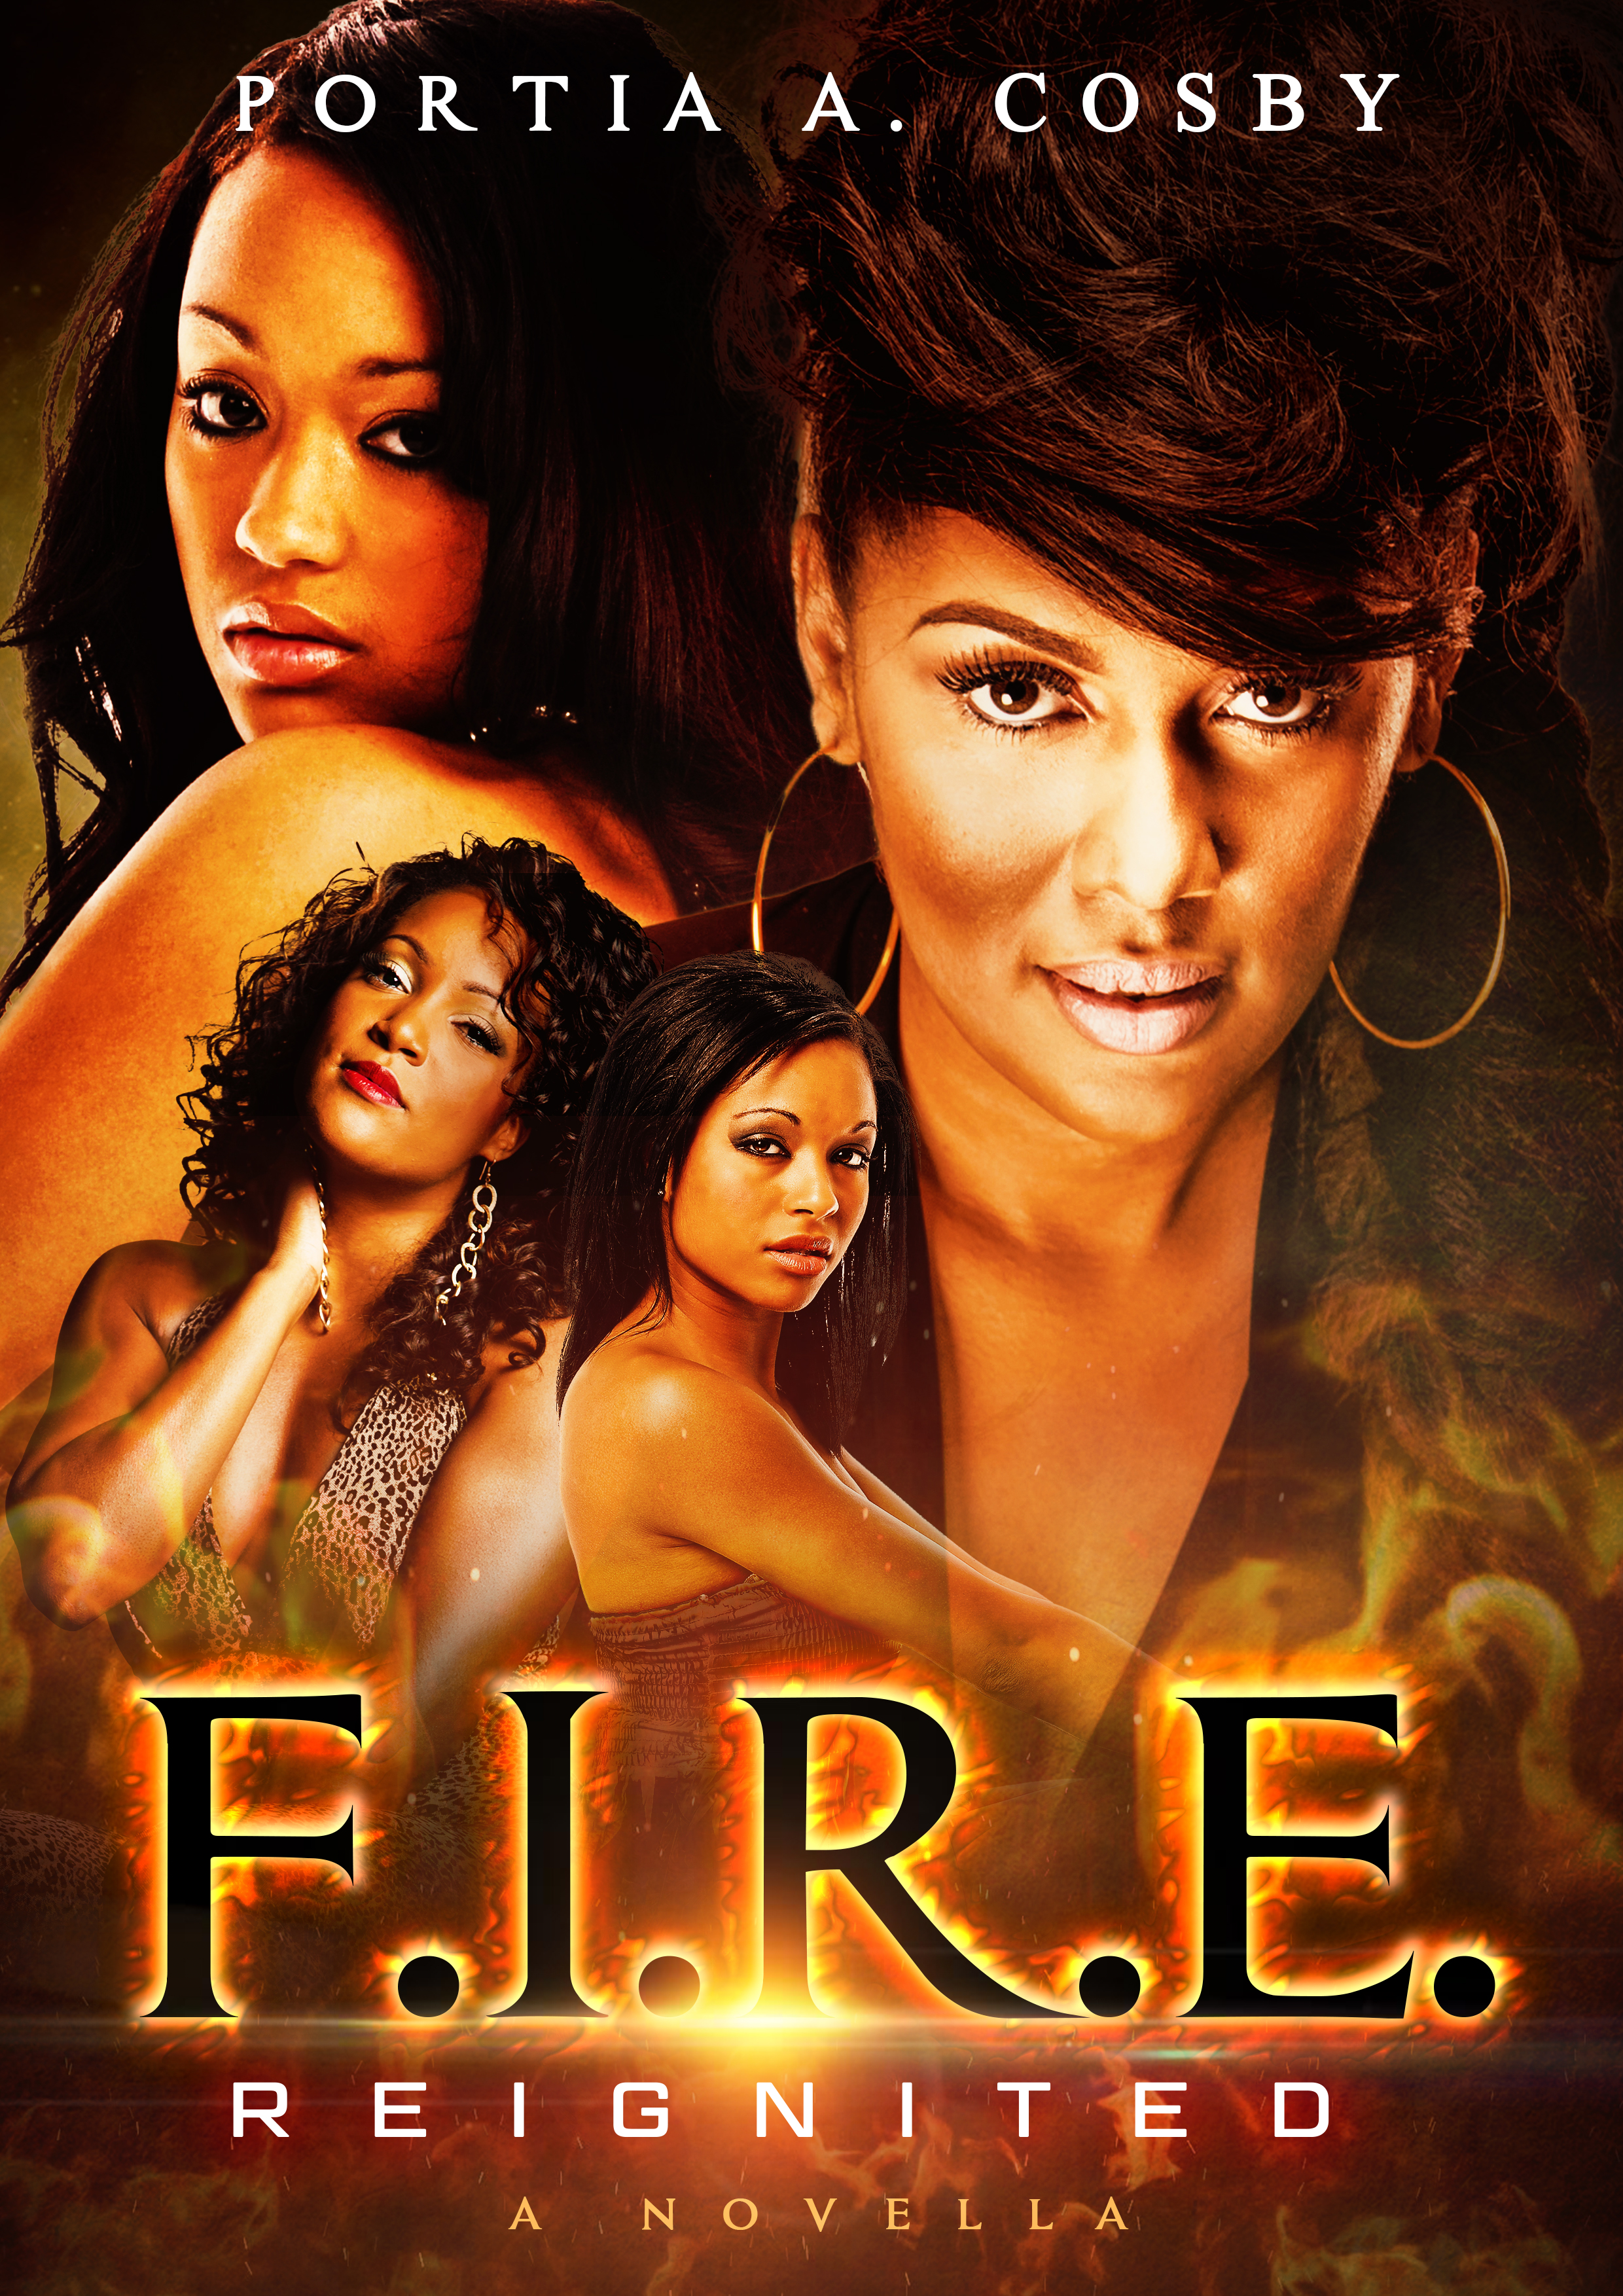 F.I.R.E. by Portia Cosby